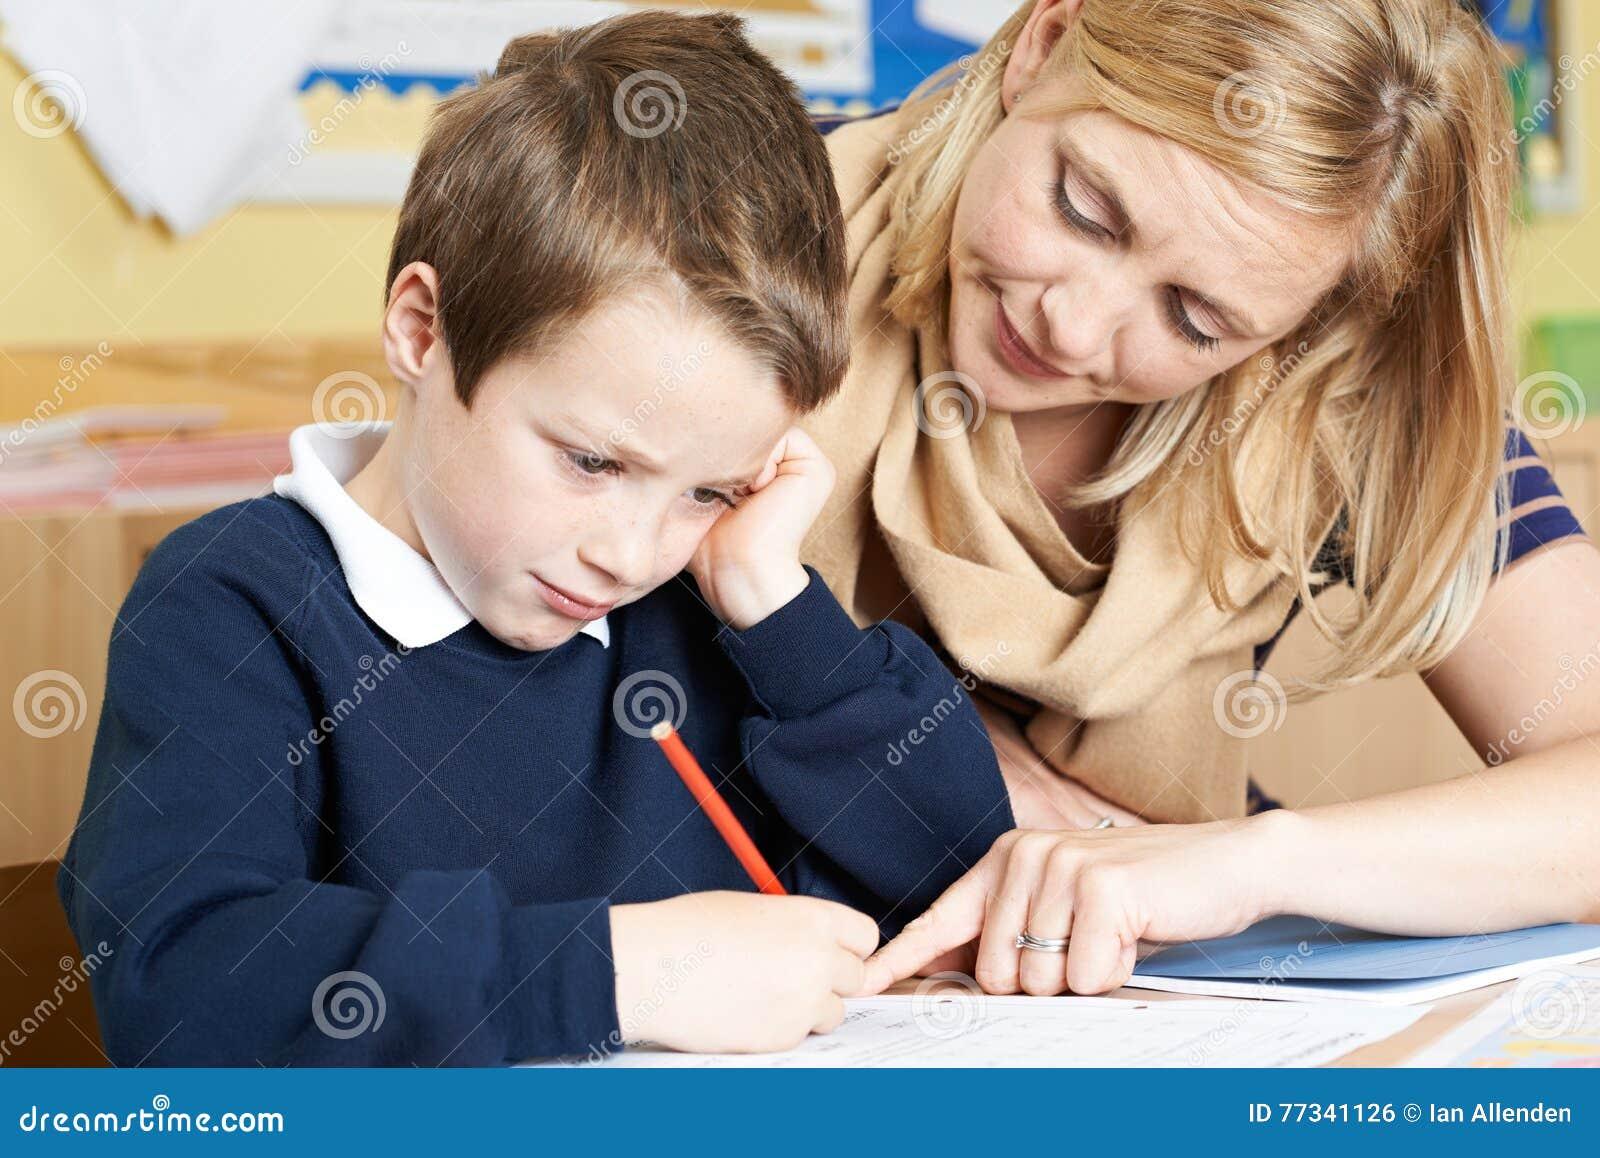 Δάσκαλος που βοηθά τον αρσενικό μαθητή δημοτικού σχολείου με το πρόβλημα